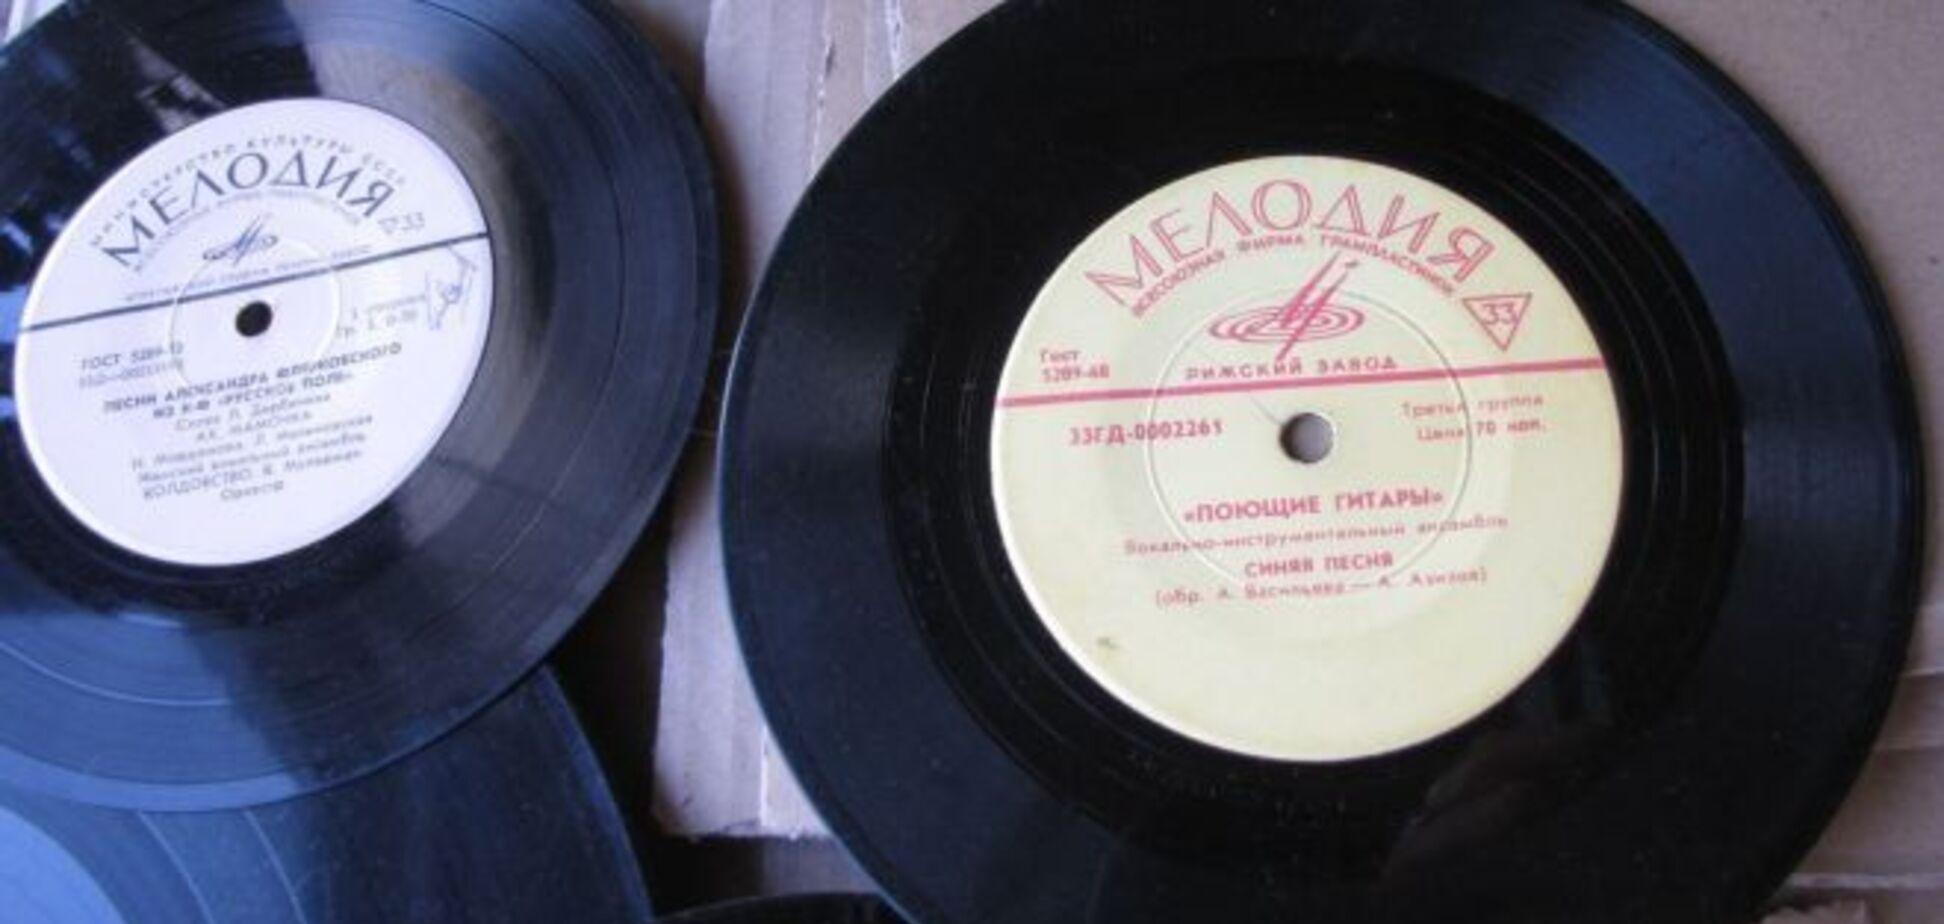 Як в СРСР крали західні хіти: топ крадених пісень, відомих усім